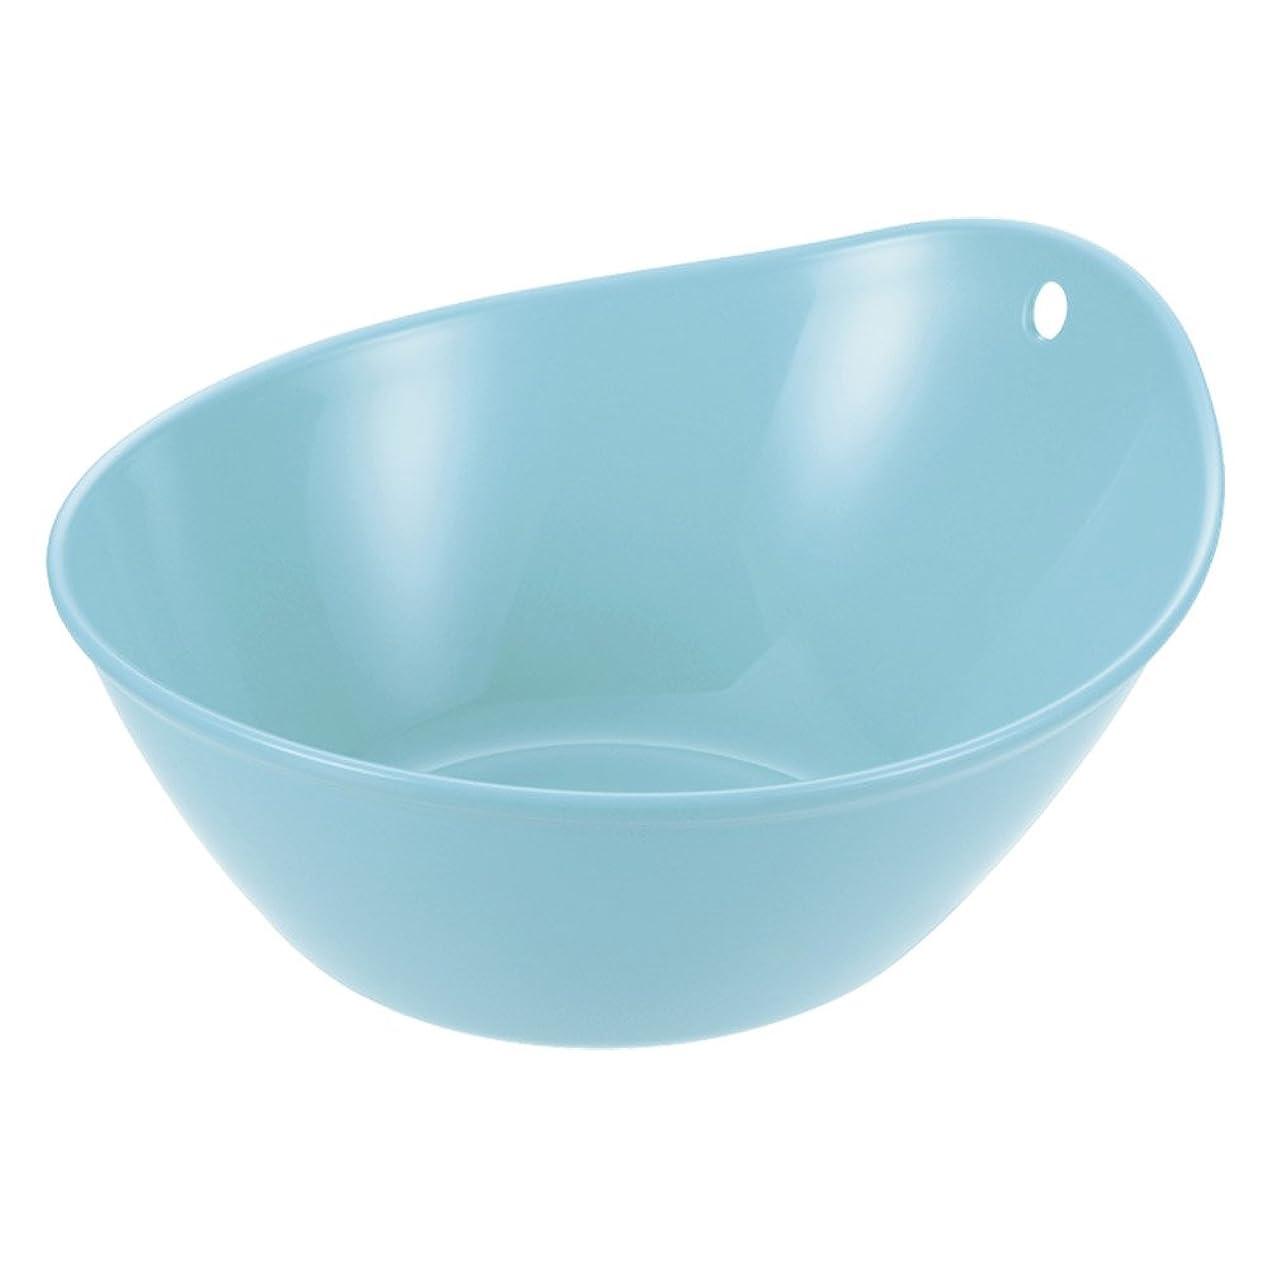 ドロップ切る迅速ぼん家具 湯おけ 湯桶 日本製 抗菌仕様 洗面器 手おけ 桶 風呂桶 洗面桶 防カビ ライトブルー